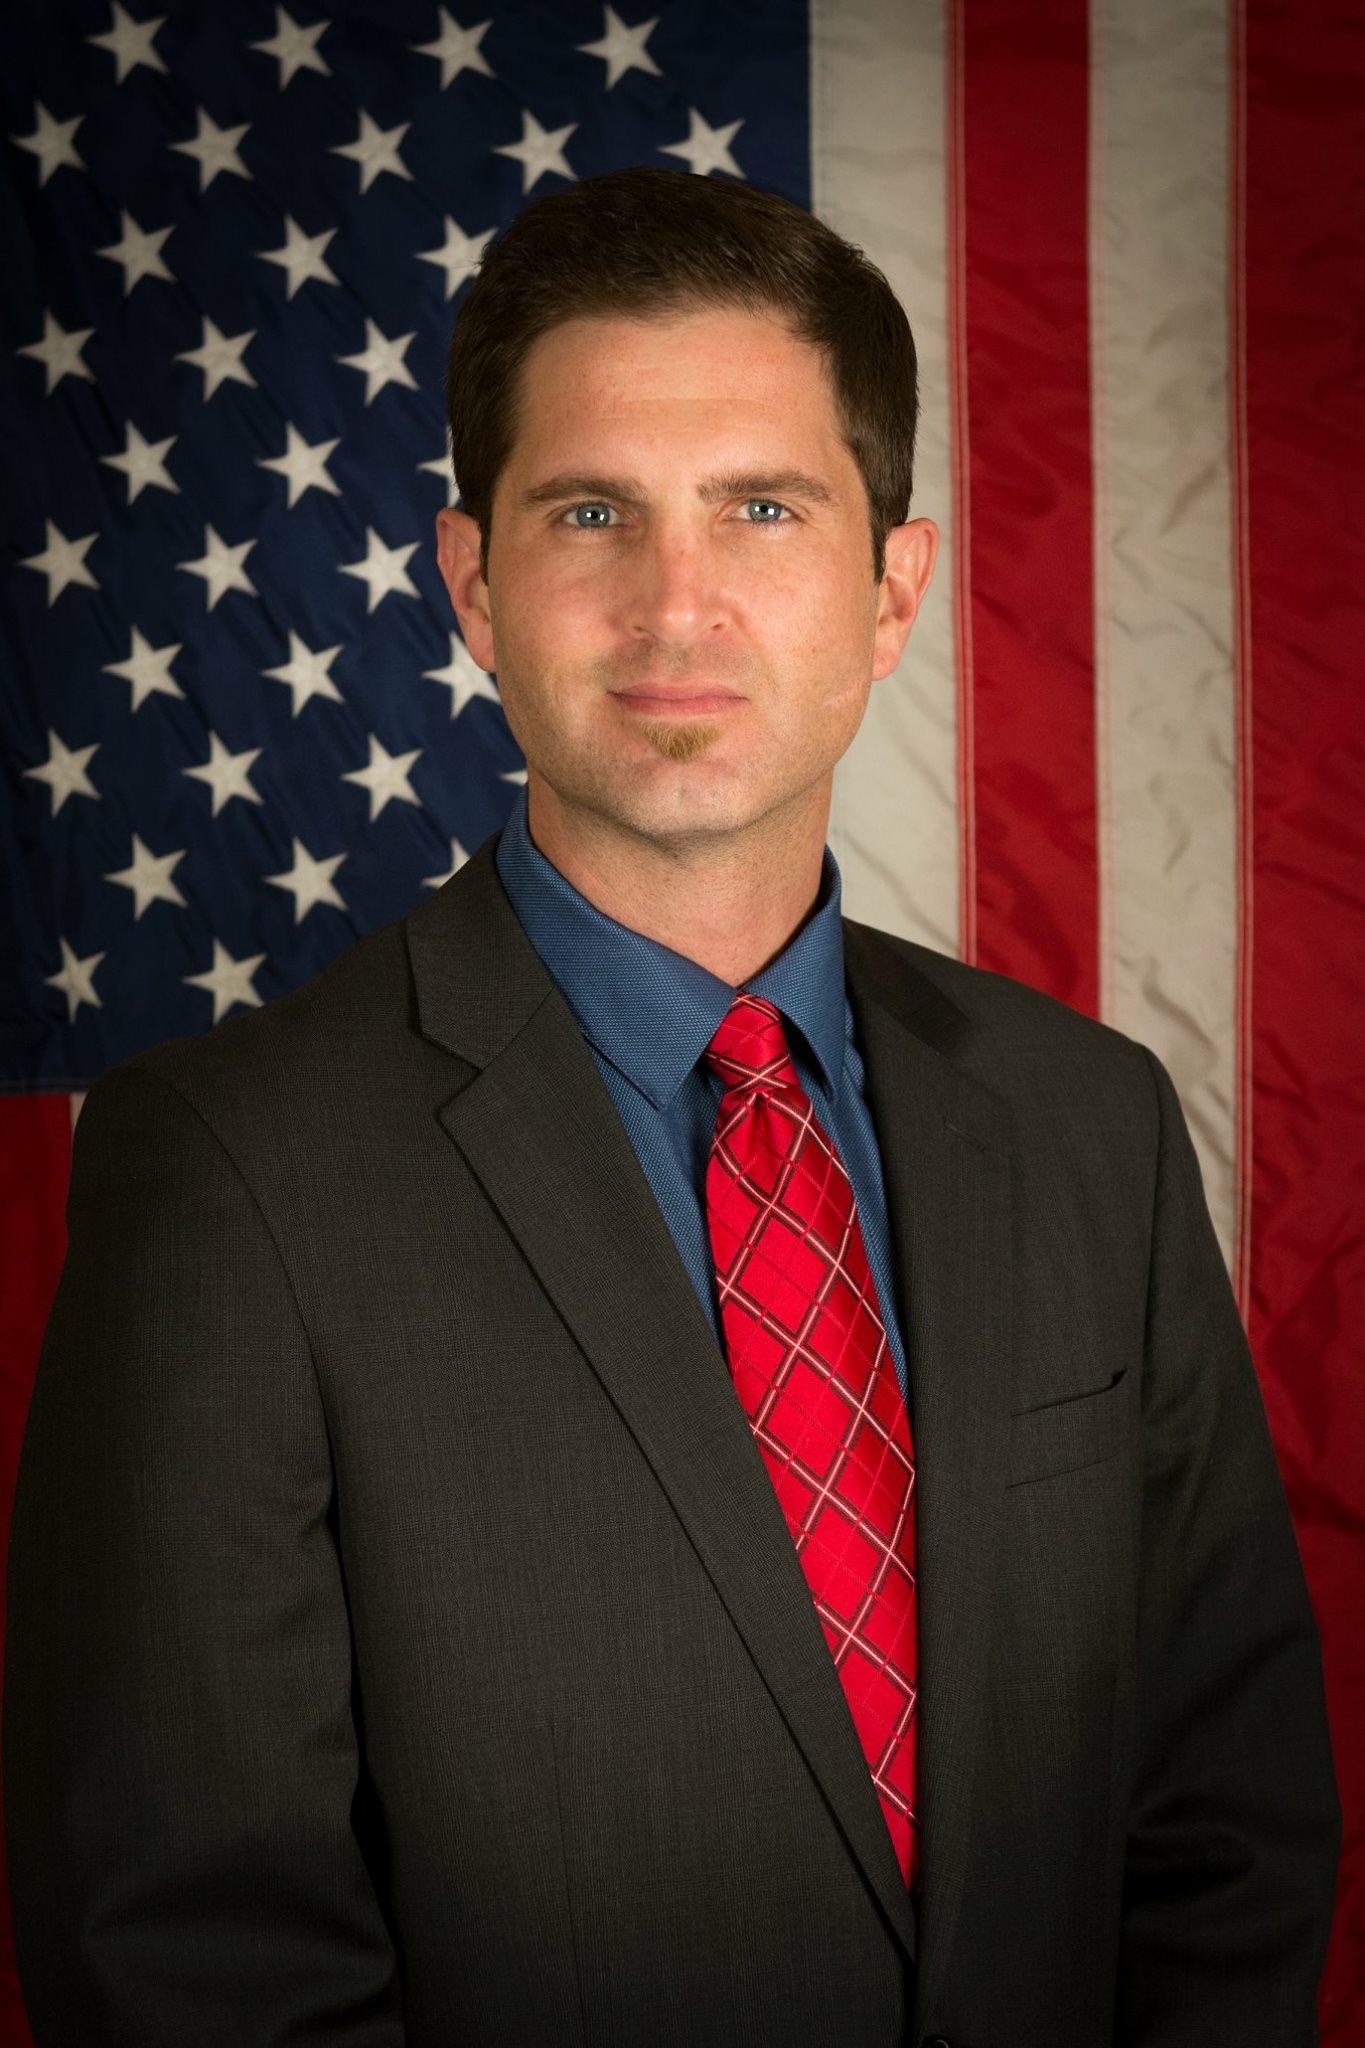 Tyson Manker, national director of Veterans For Bernie